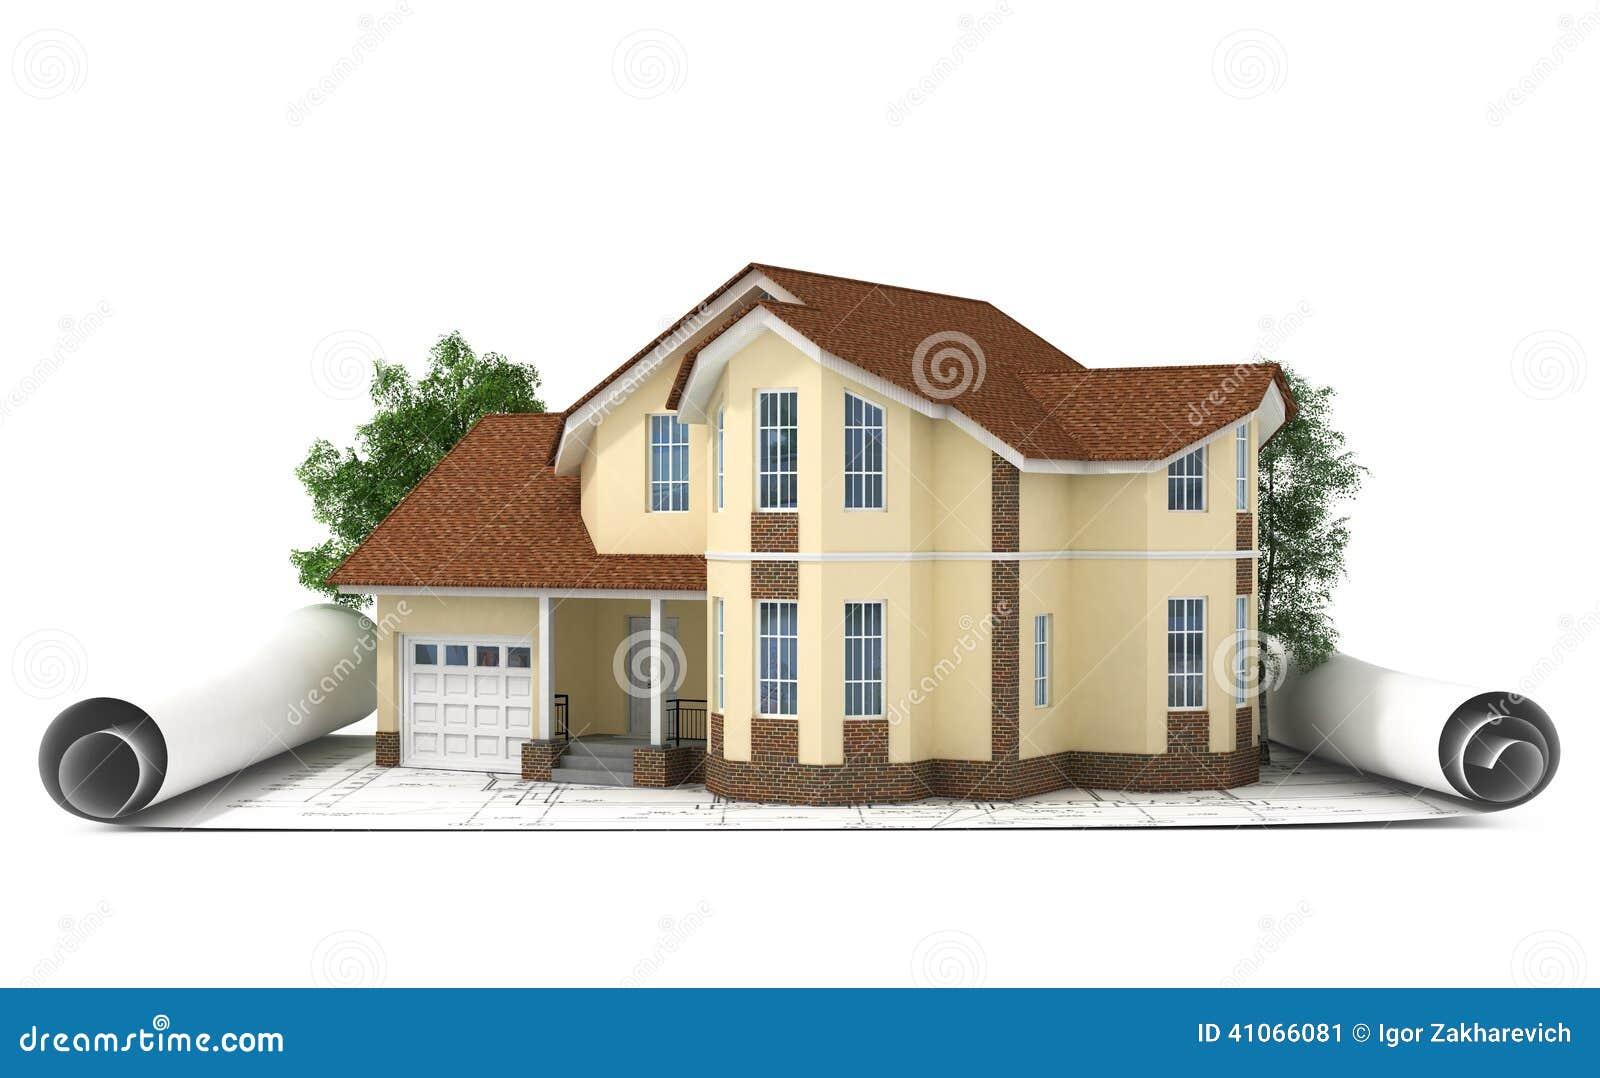 Maison et plan de construction maison moderne for Maison et construction